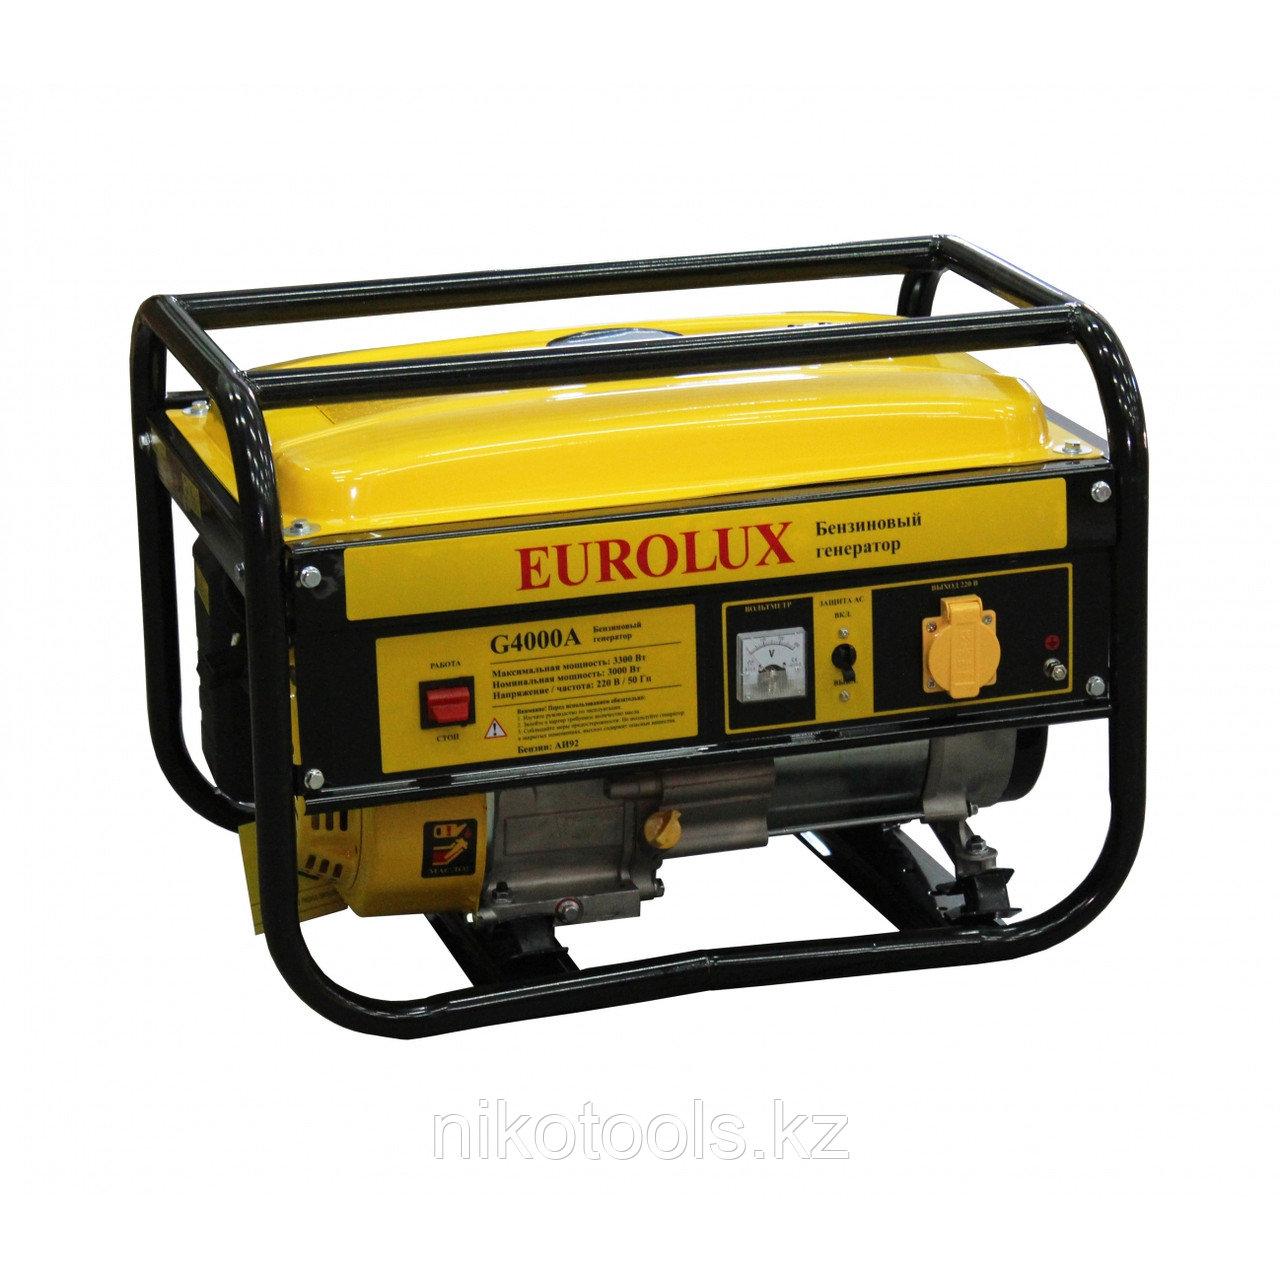 Бензиновый генератор Eurolux G 4000 A